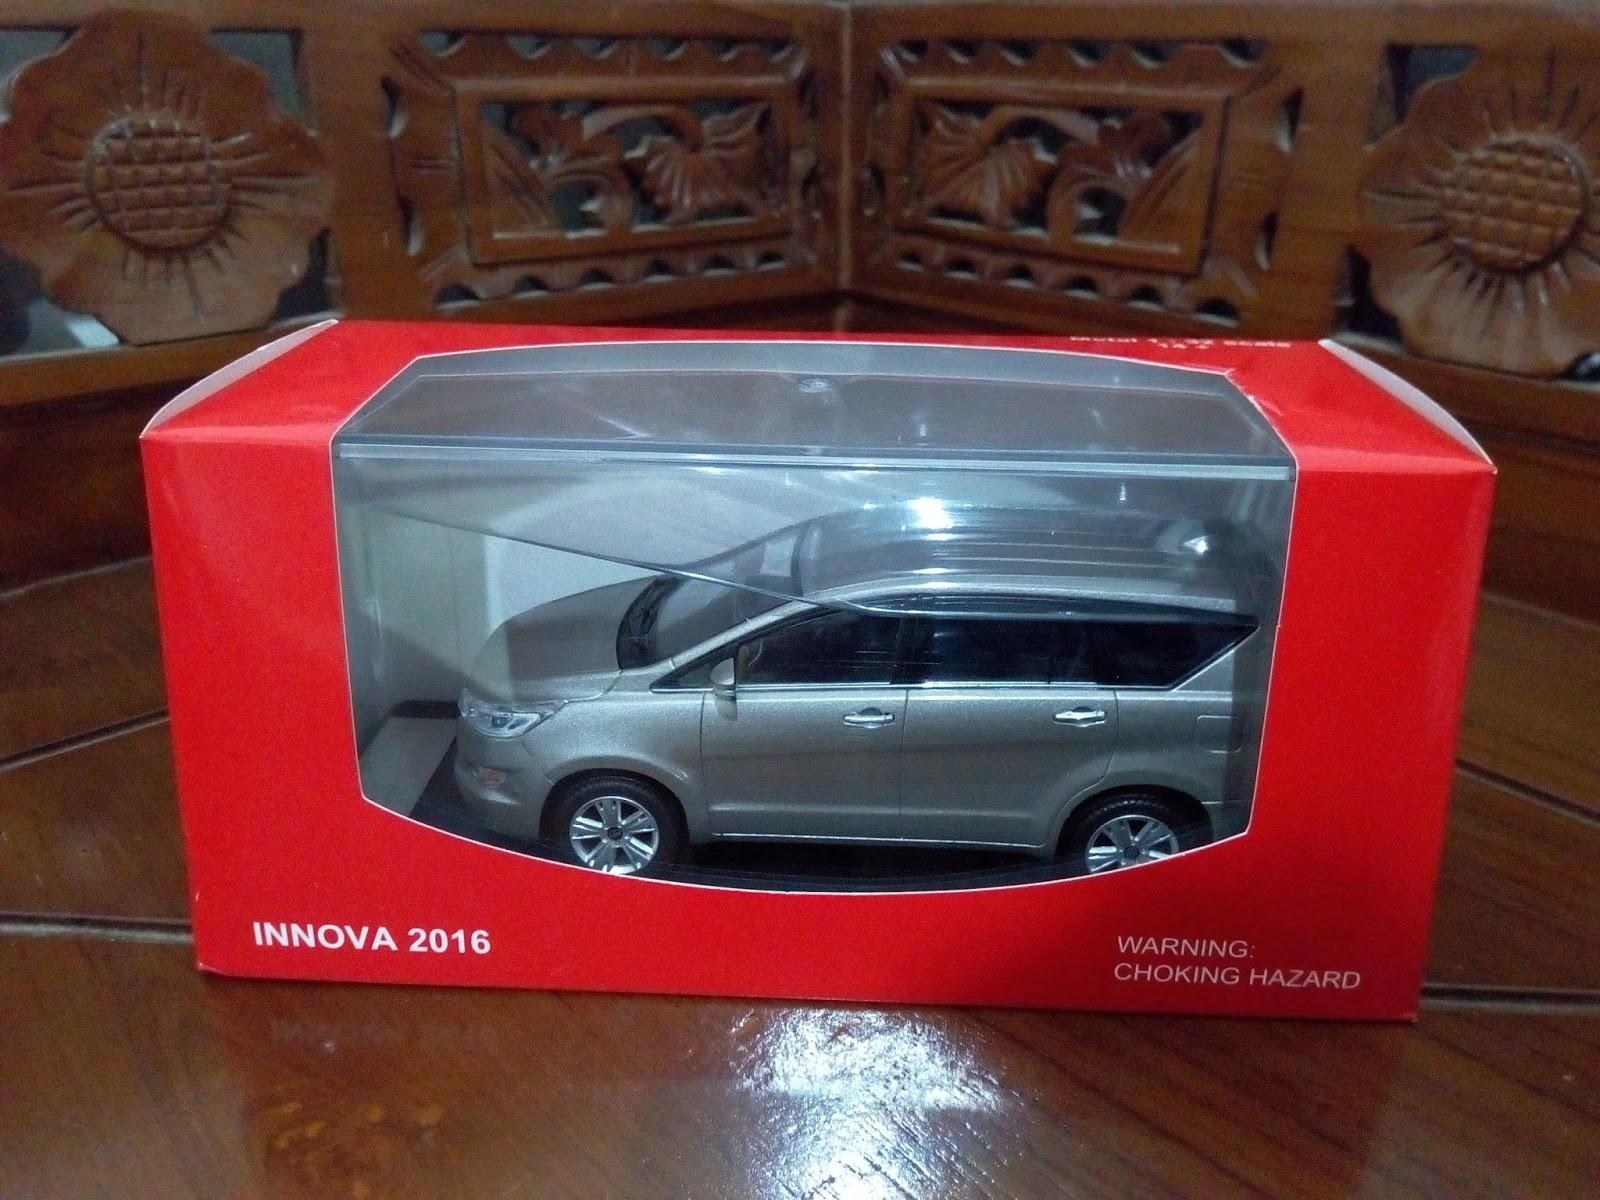 Diecast Grand New Avanza Type G 2017 Kijang Innova 2016 Miniatur Mobil Toyota